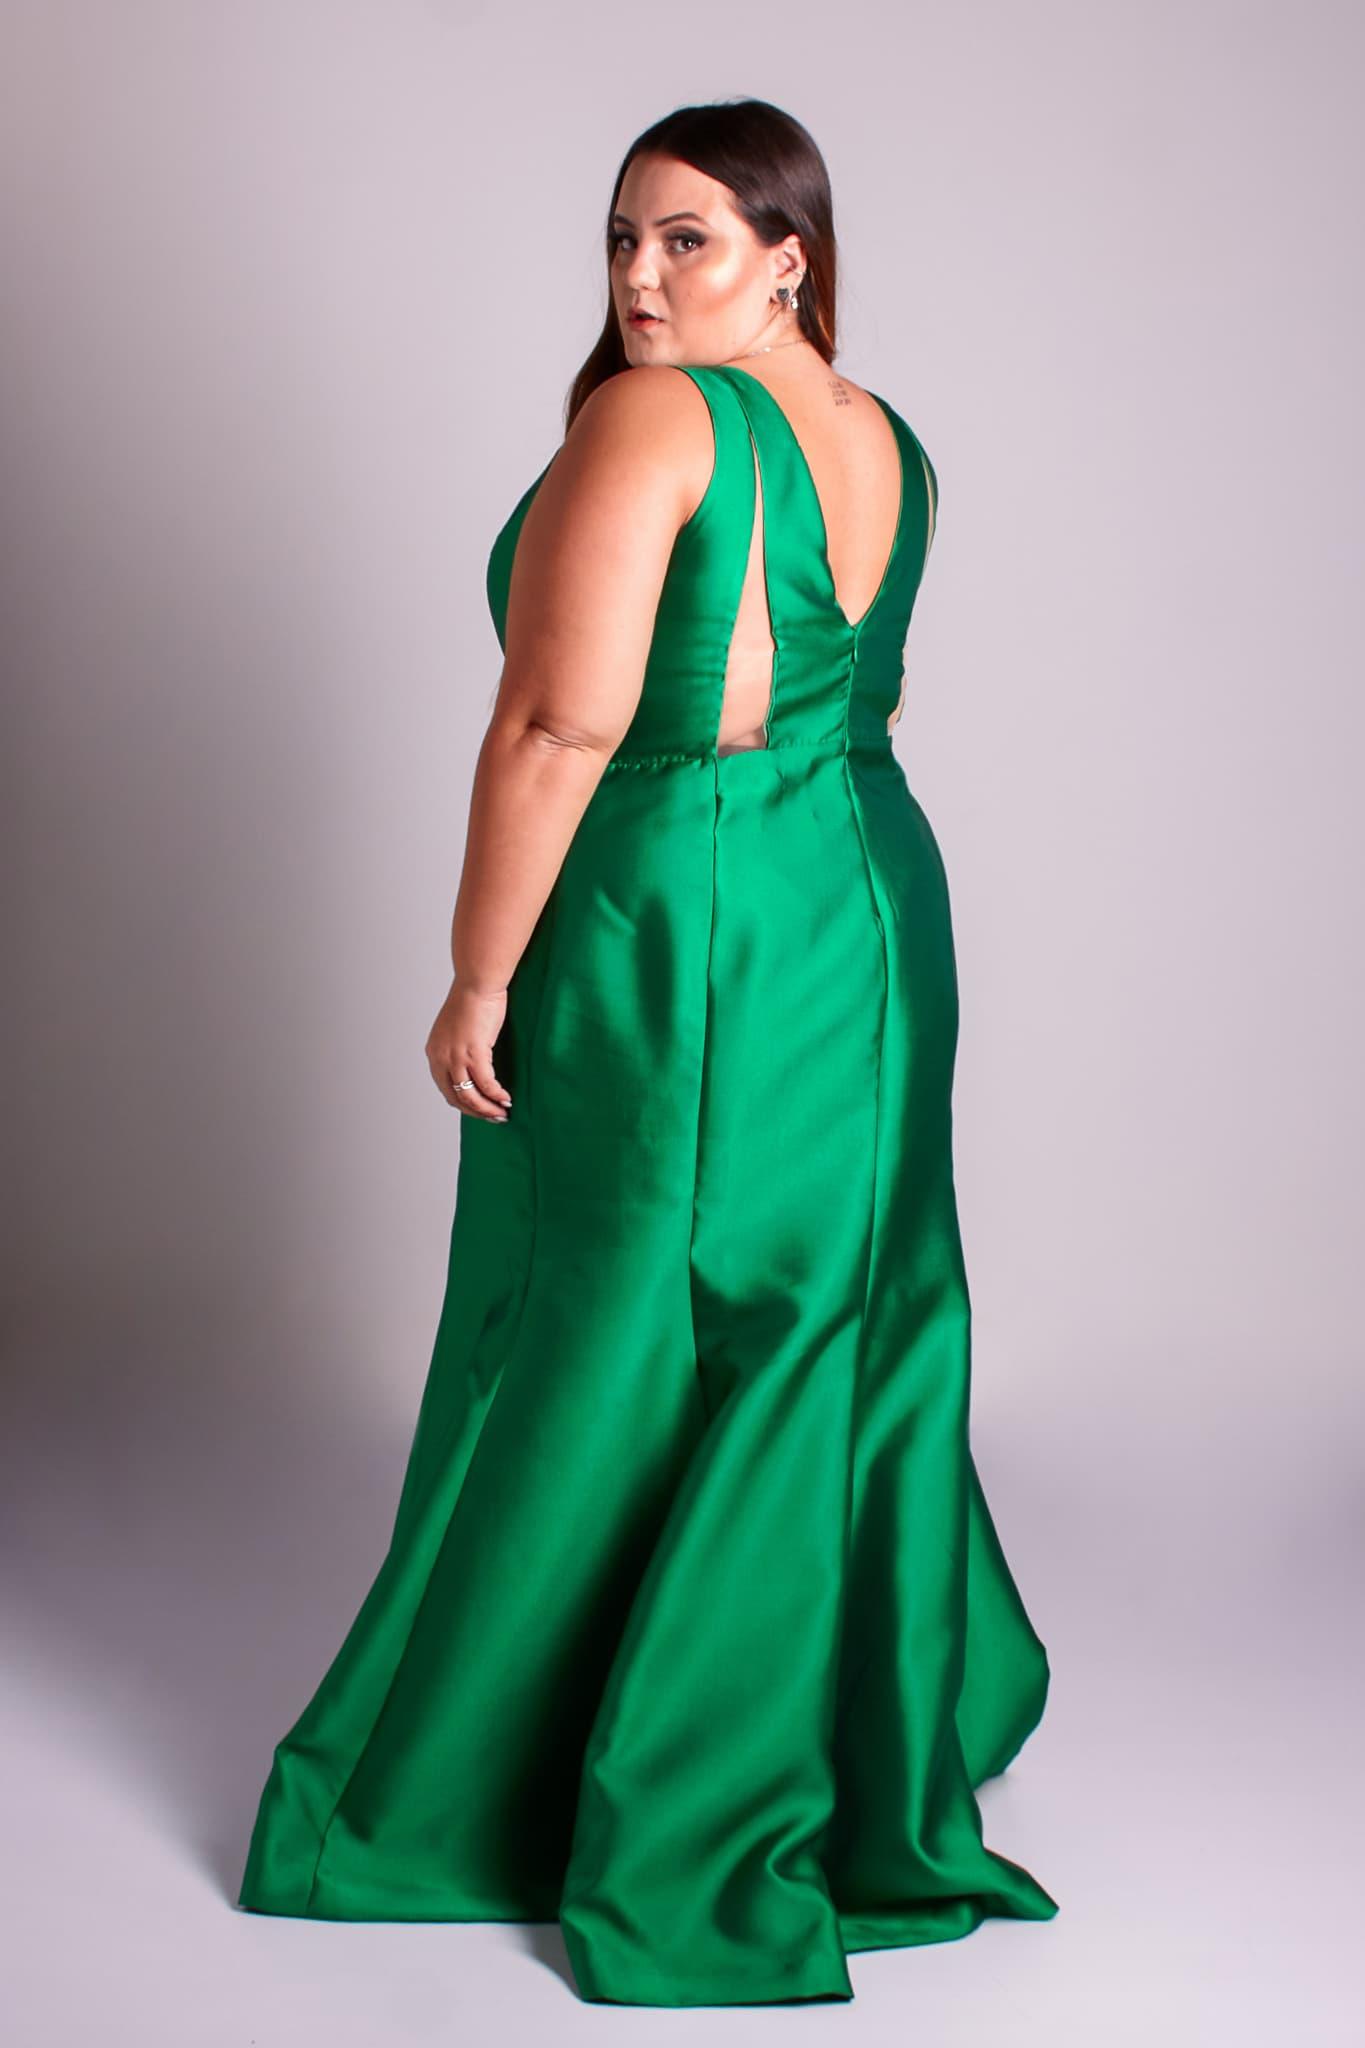 65 - vestido verde esmeralda de zibeline